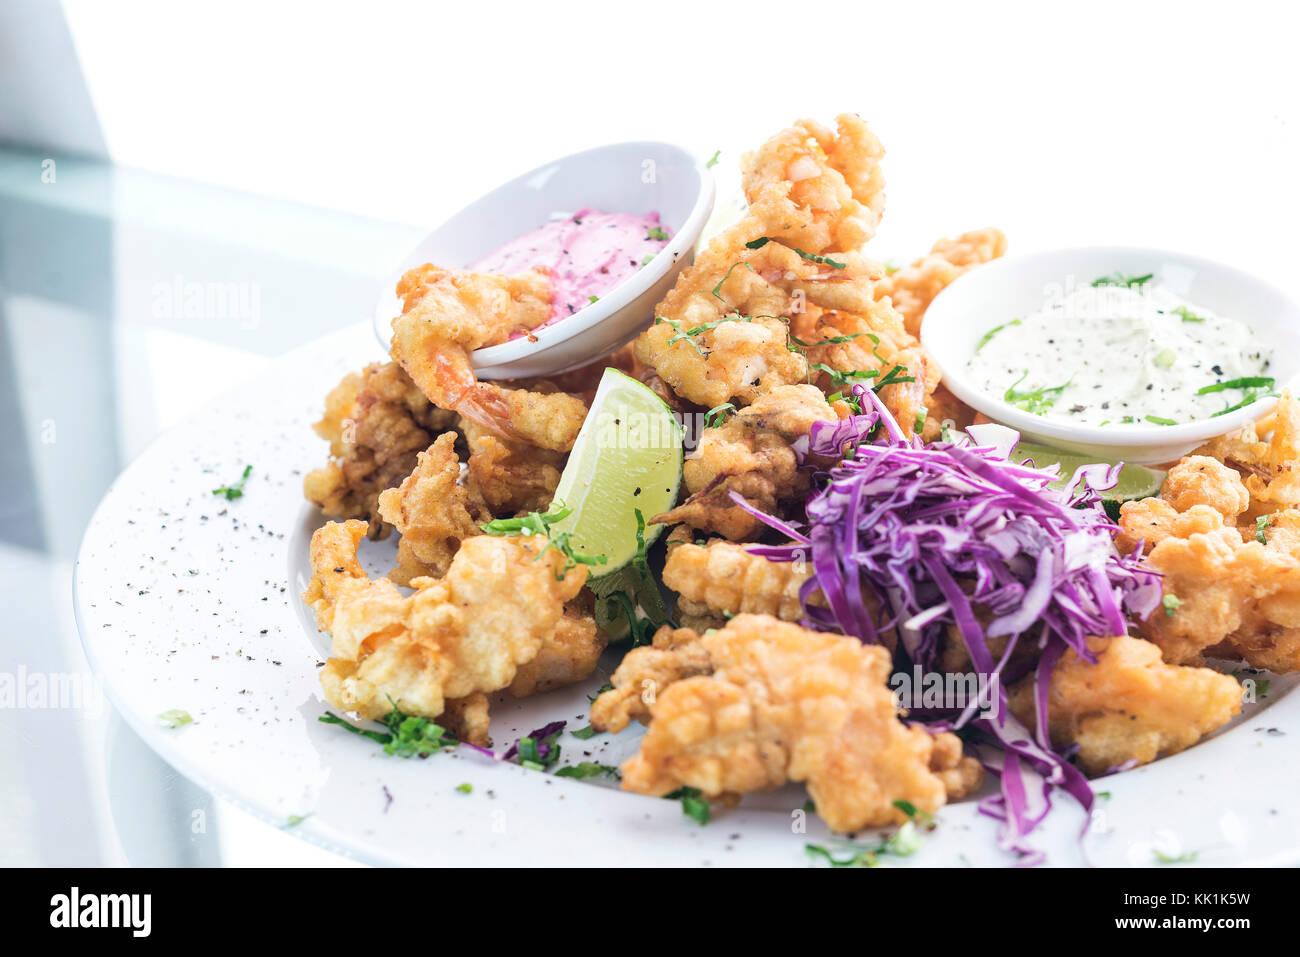 Fruits de mer frits tempura gourmet cuisine fusion moderne des aliments repas tapas Photo Stock